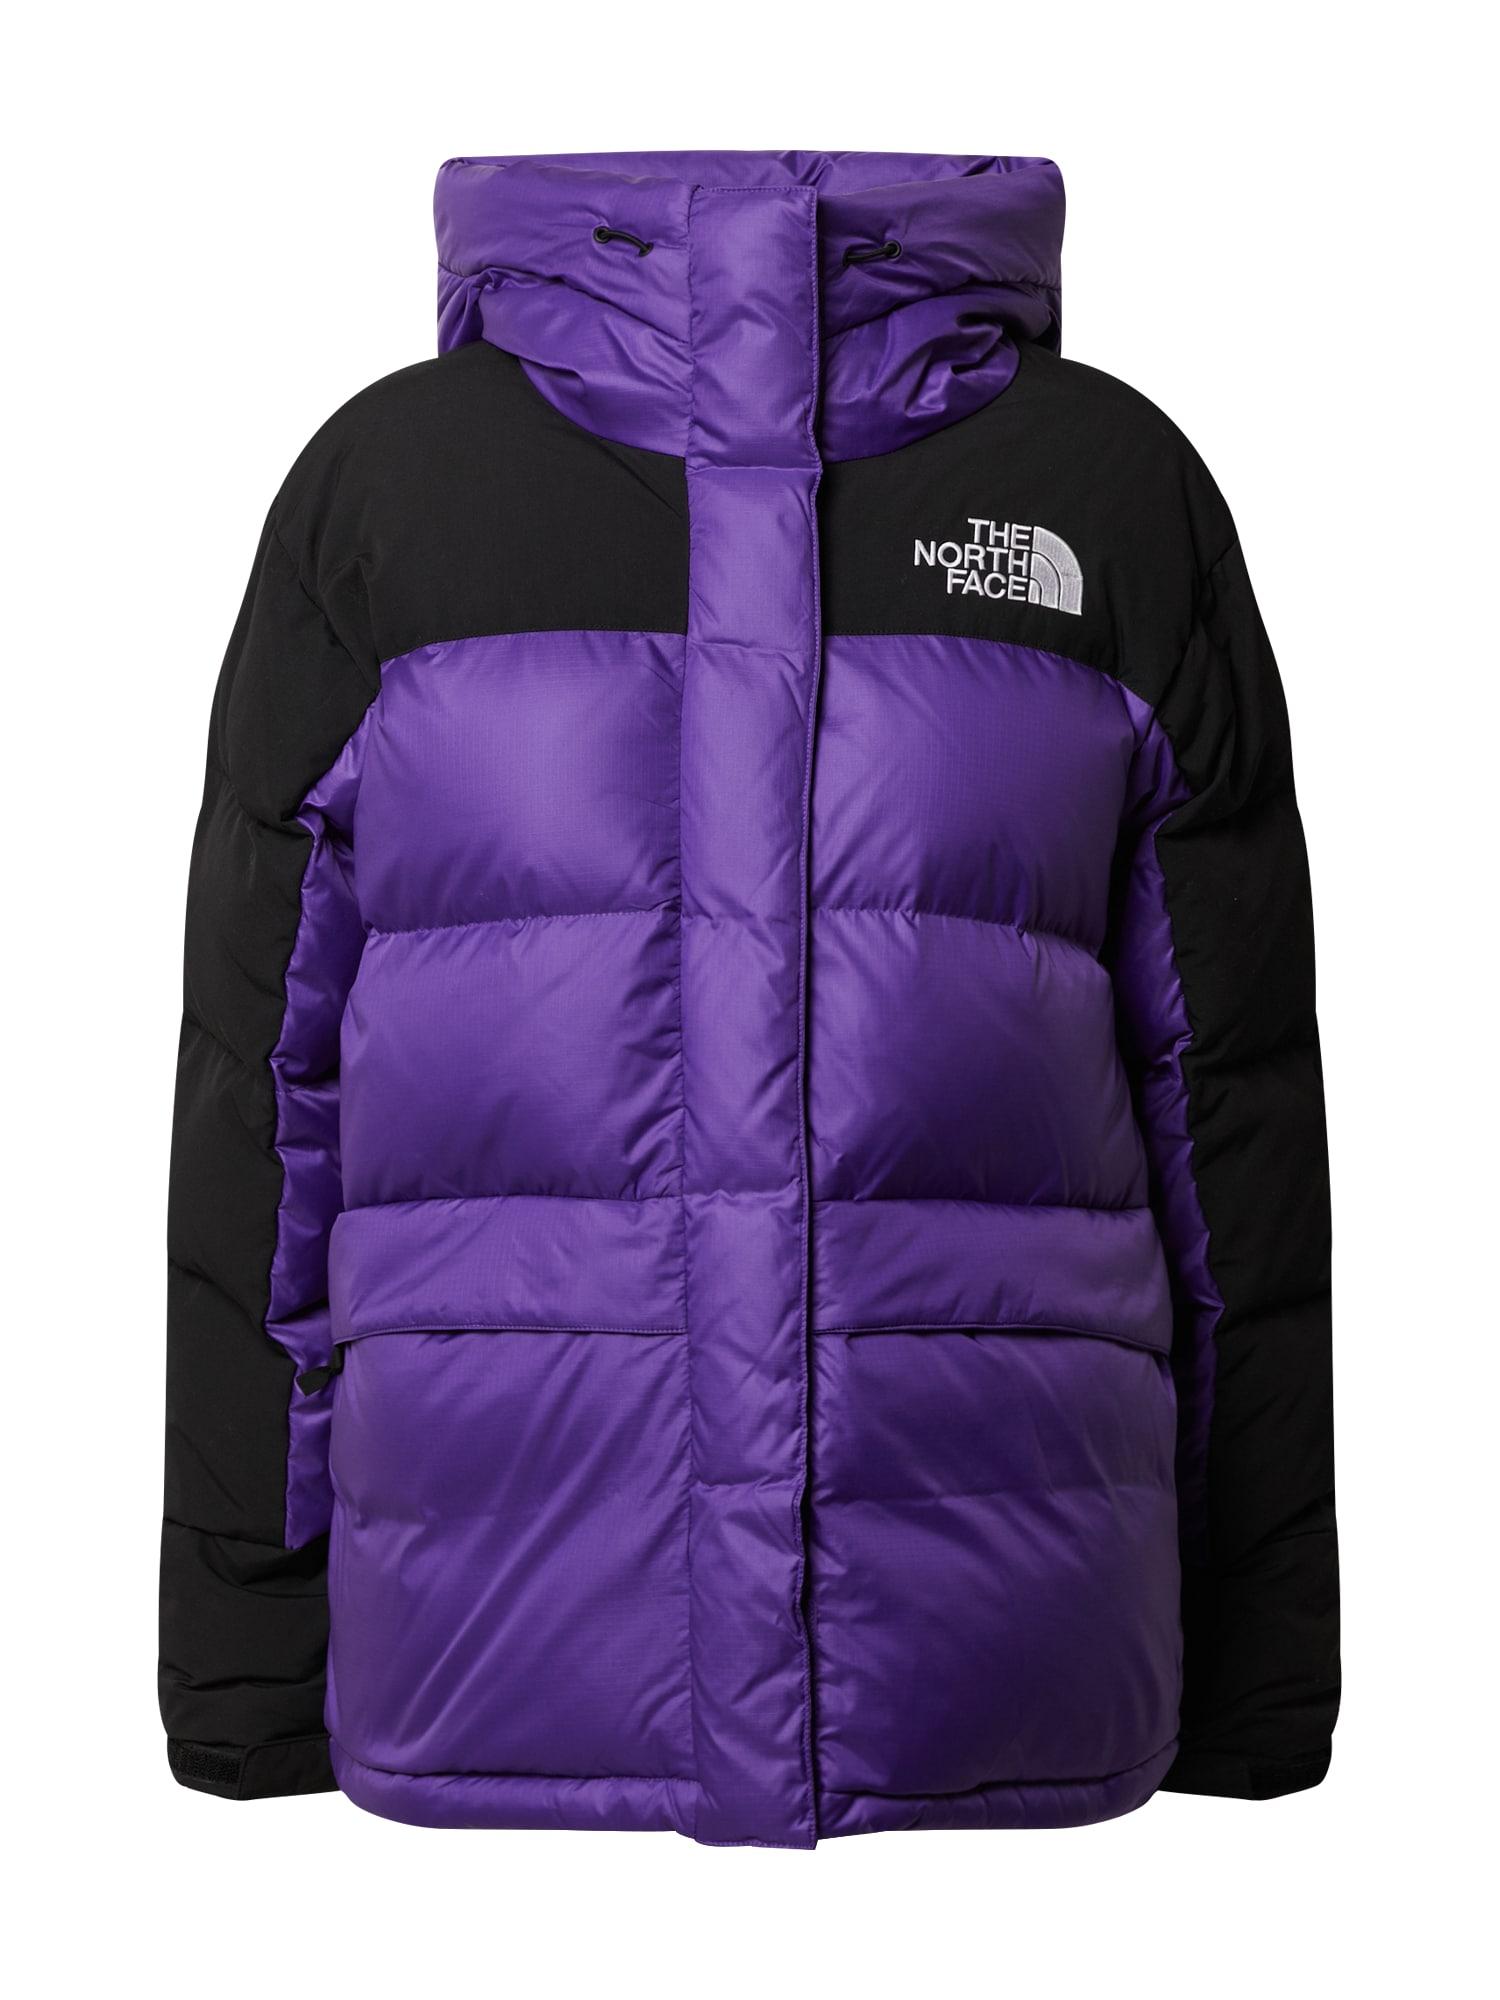 THE NORTH FACE Zimní bunda 'T2 Inspired'  bílá / fialová / černá